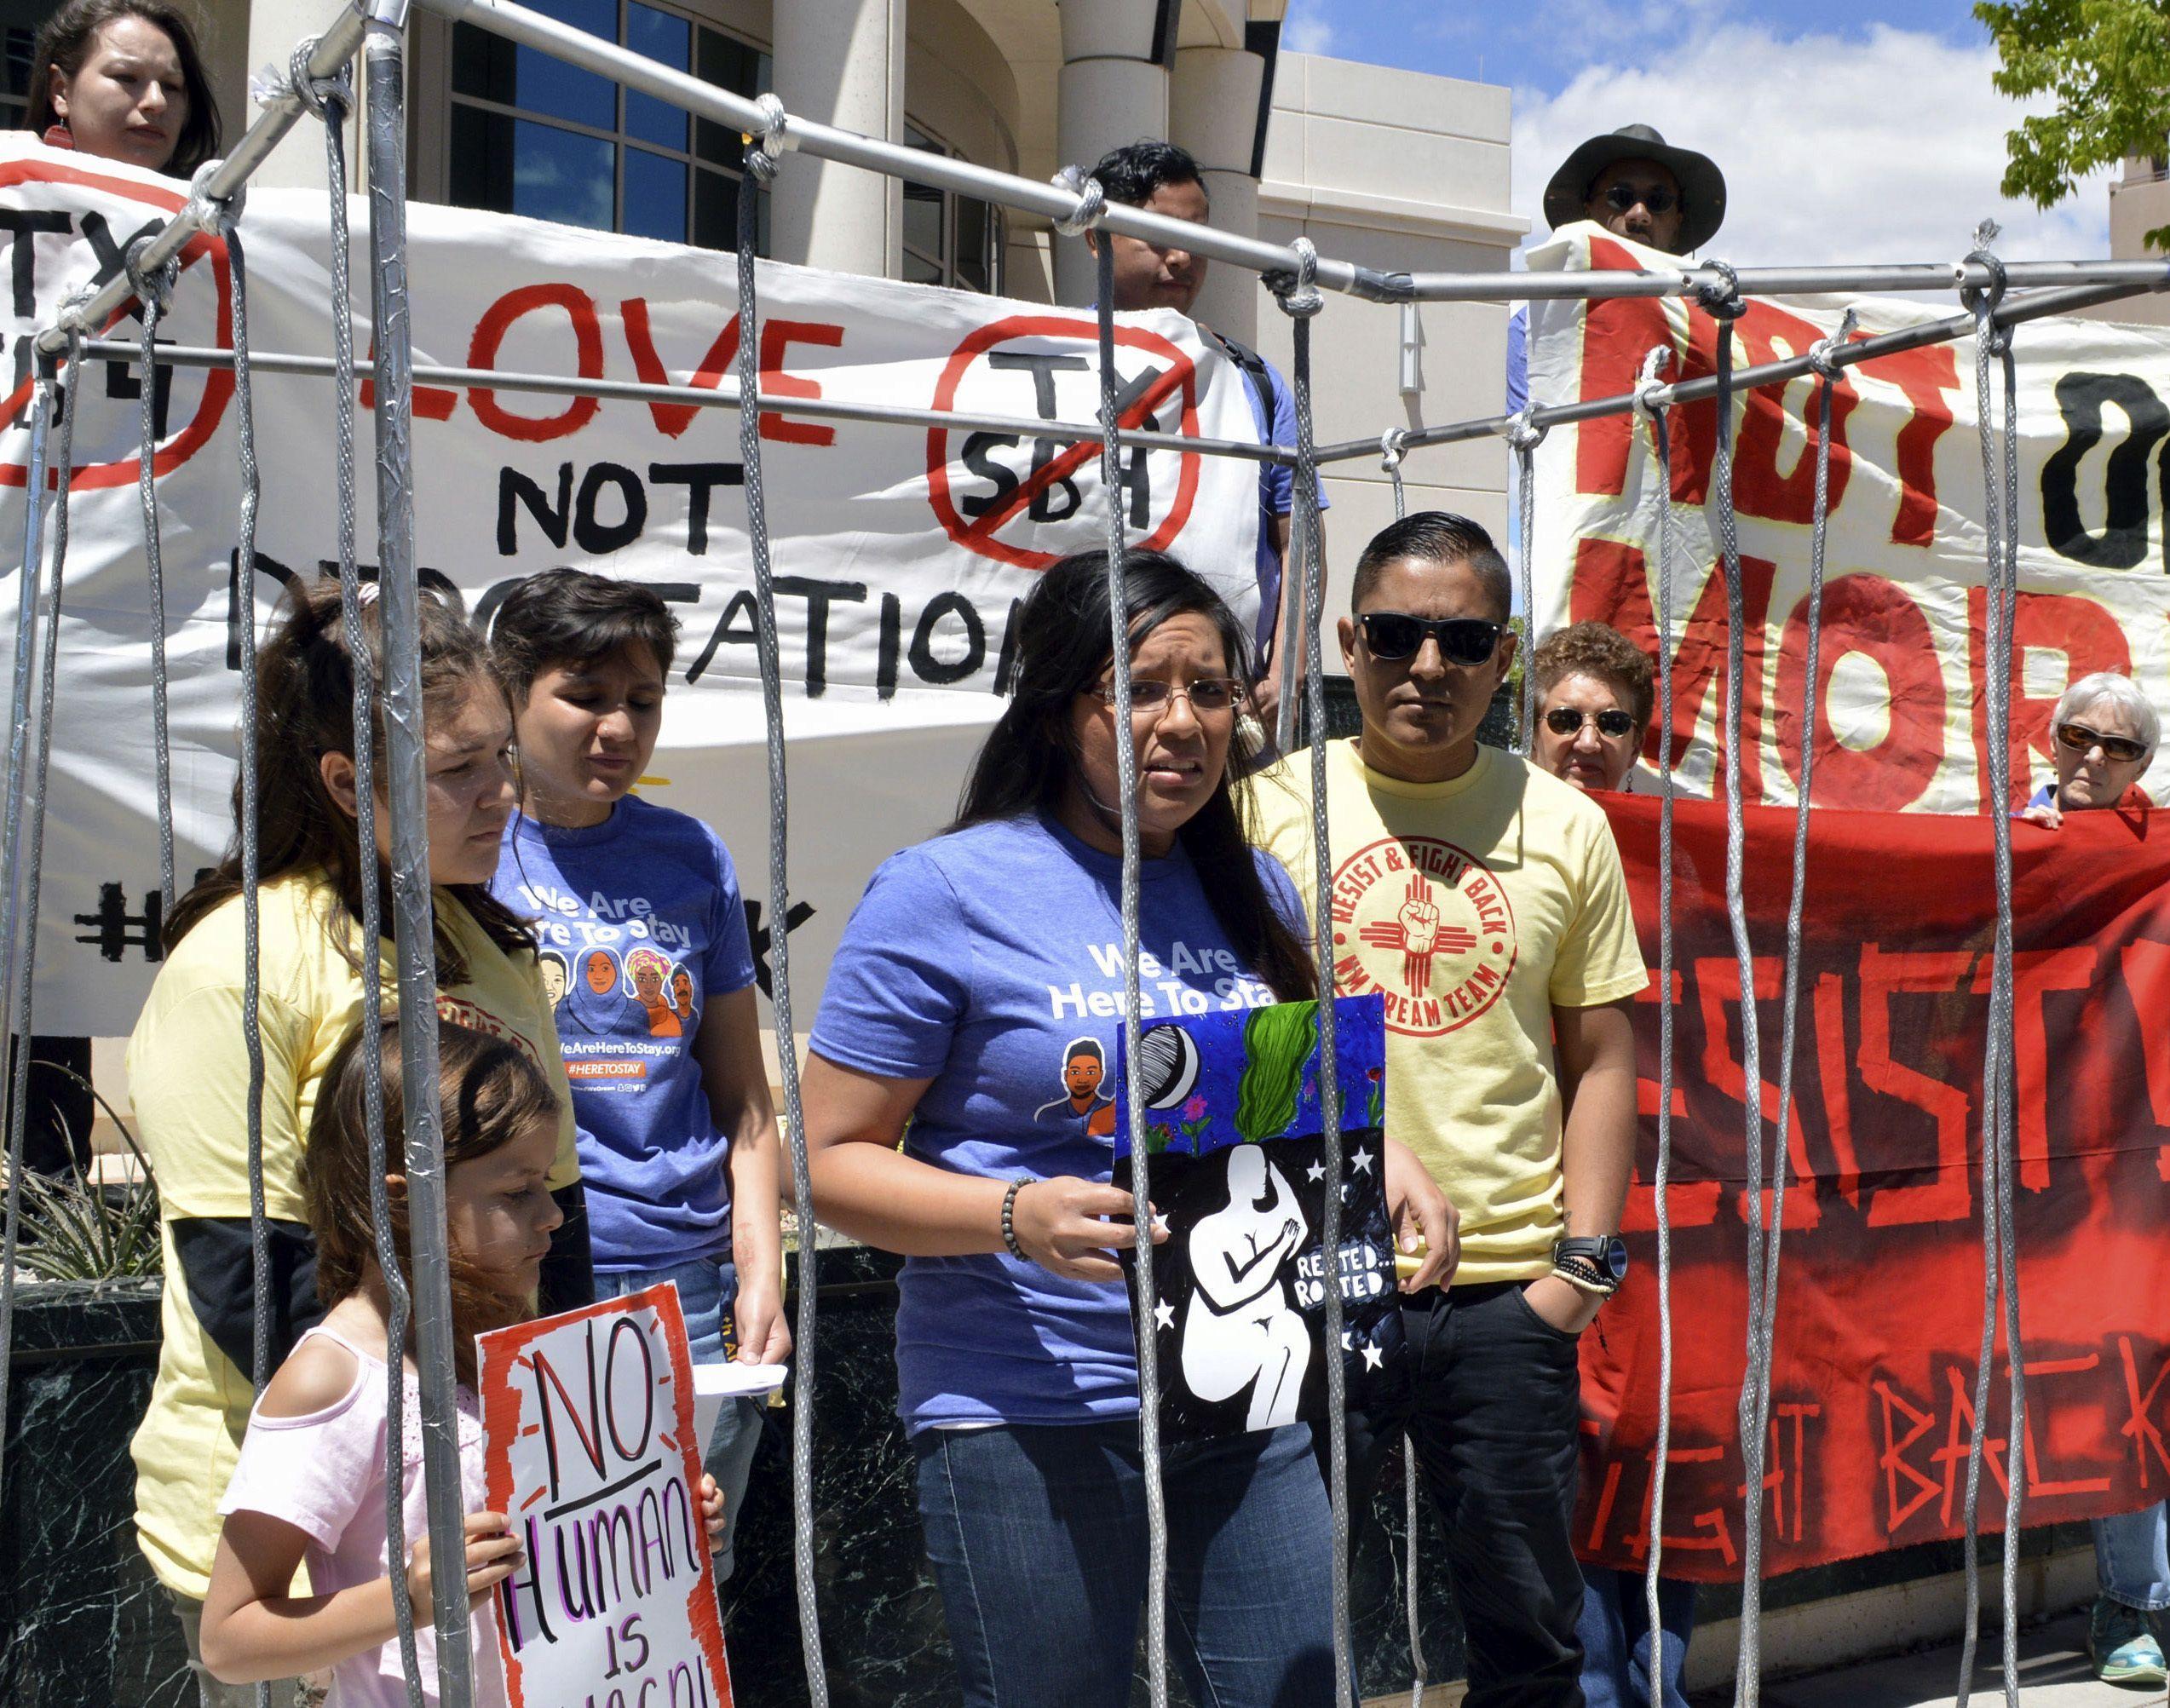 Defensores de los derechos de los inmigrantes se manifestaron en contra de las políticas de inmigración del presidente Donald Trump en Nuevo México.